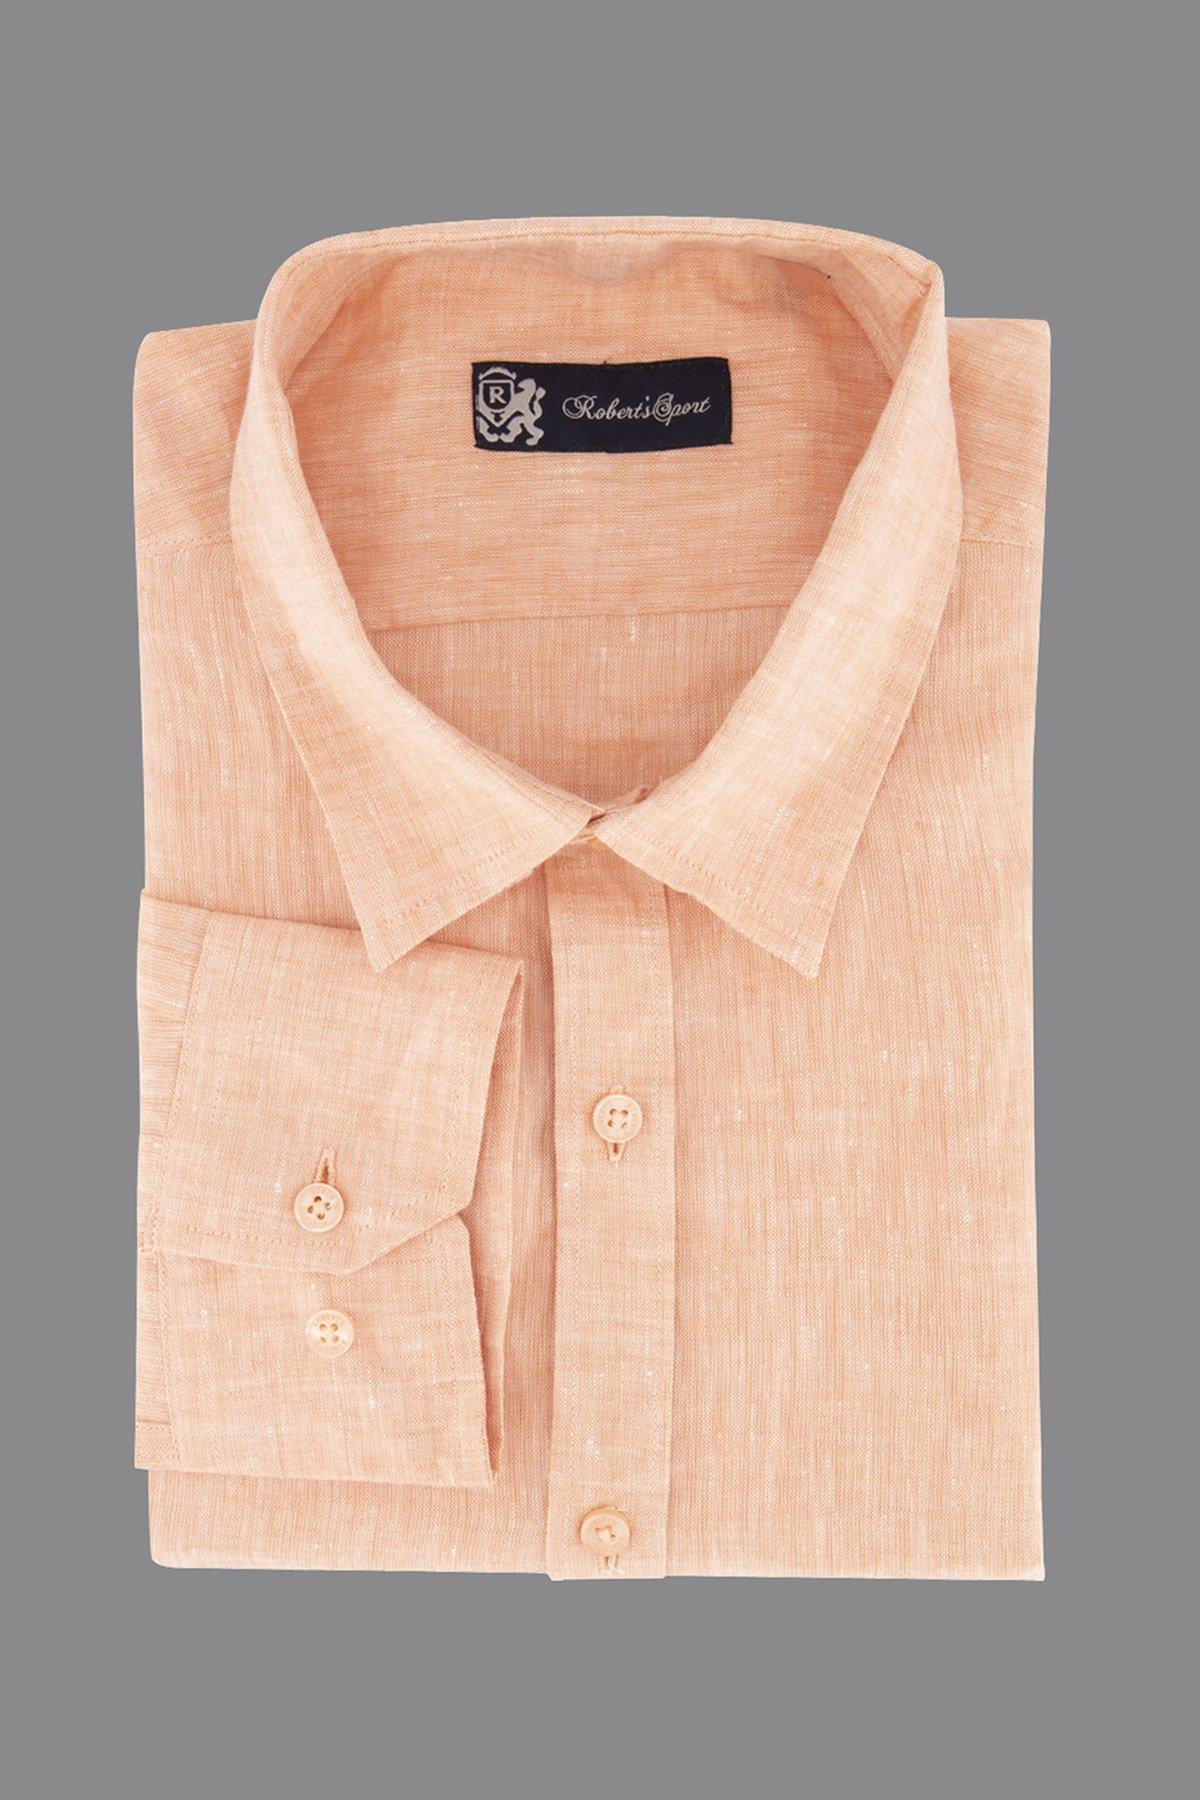 Camisa Robert´s, 100% lino,  Regular fit, color naranja.